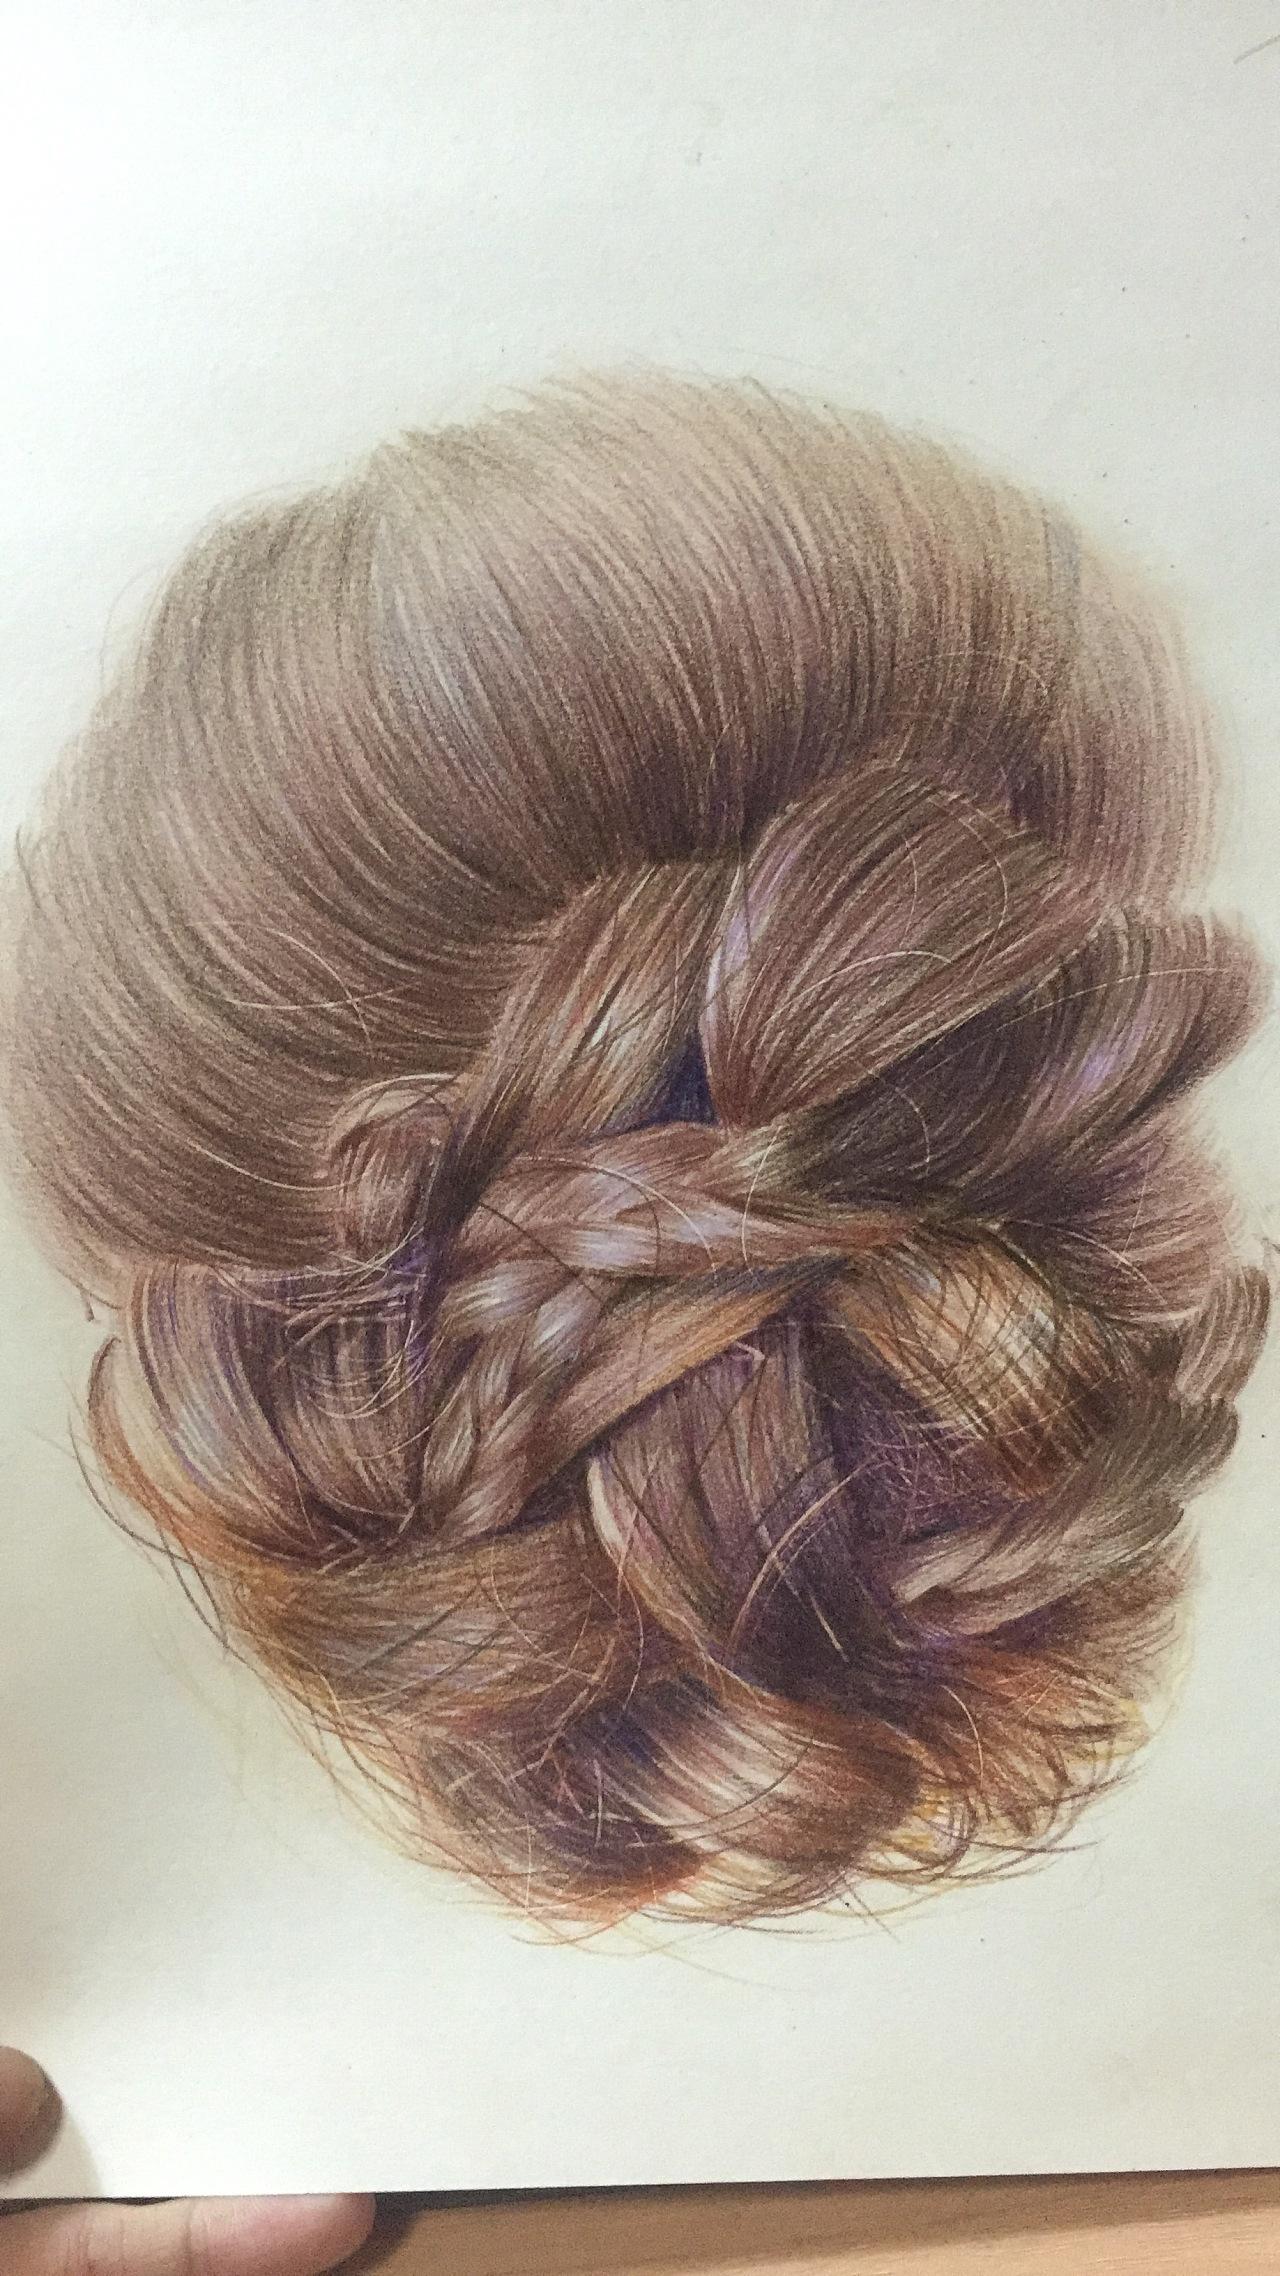 两种头发的画法带步骤图|纯艺术|彩铅|mucha徐 - 原创图片